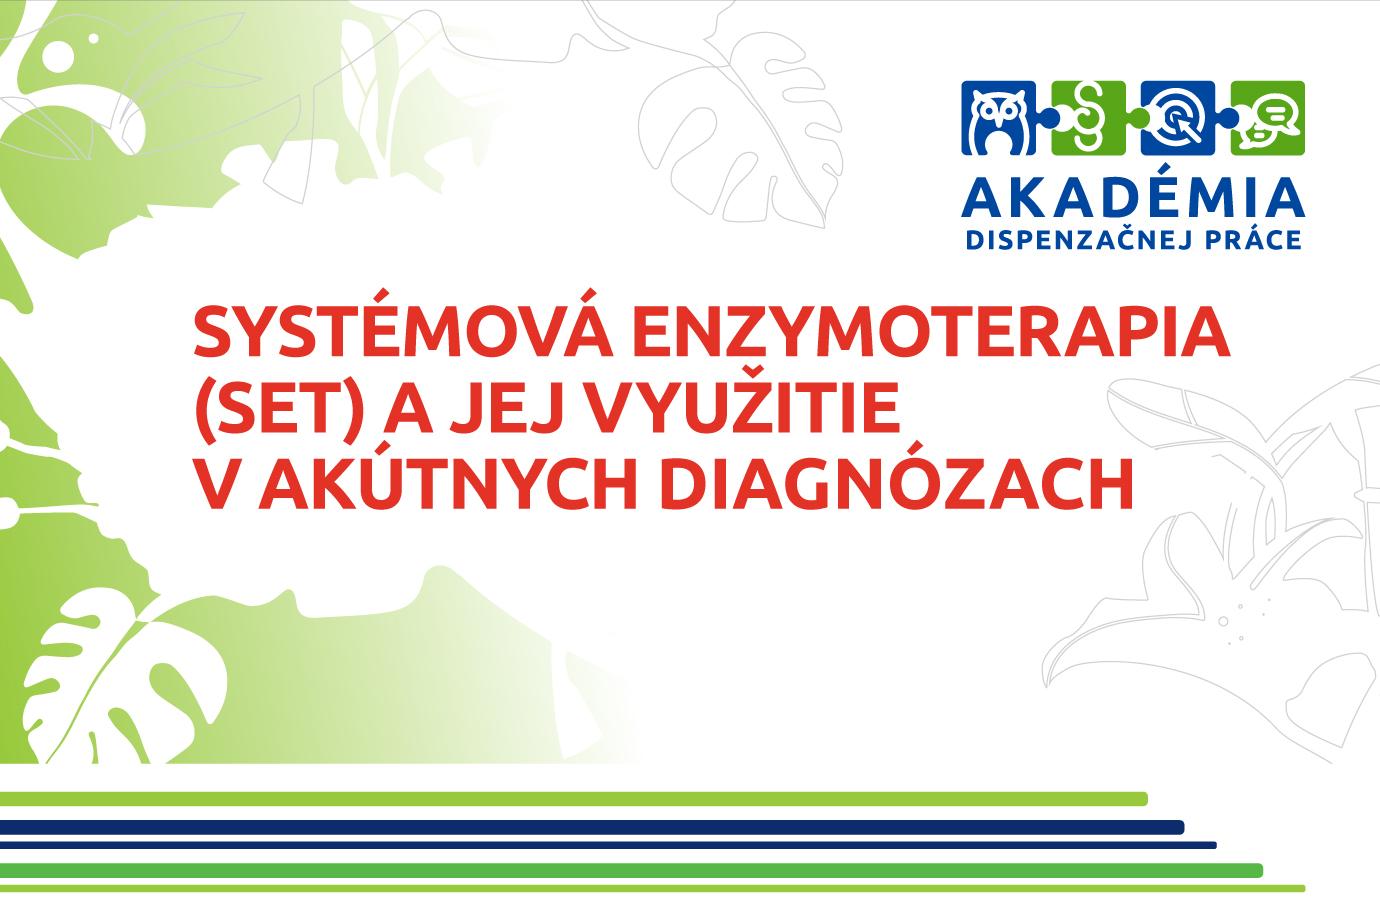 AKADÉMIA DISPENZAČNEJ PRÁCE – Systémová enzymoterapia (SET) a jej využitie v akútnych diagnózach